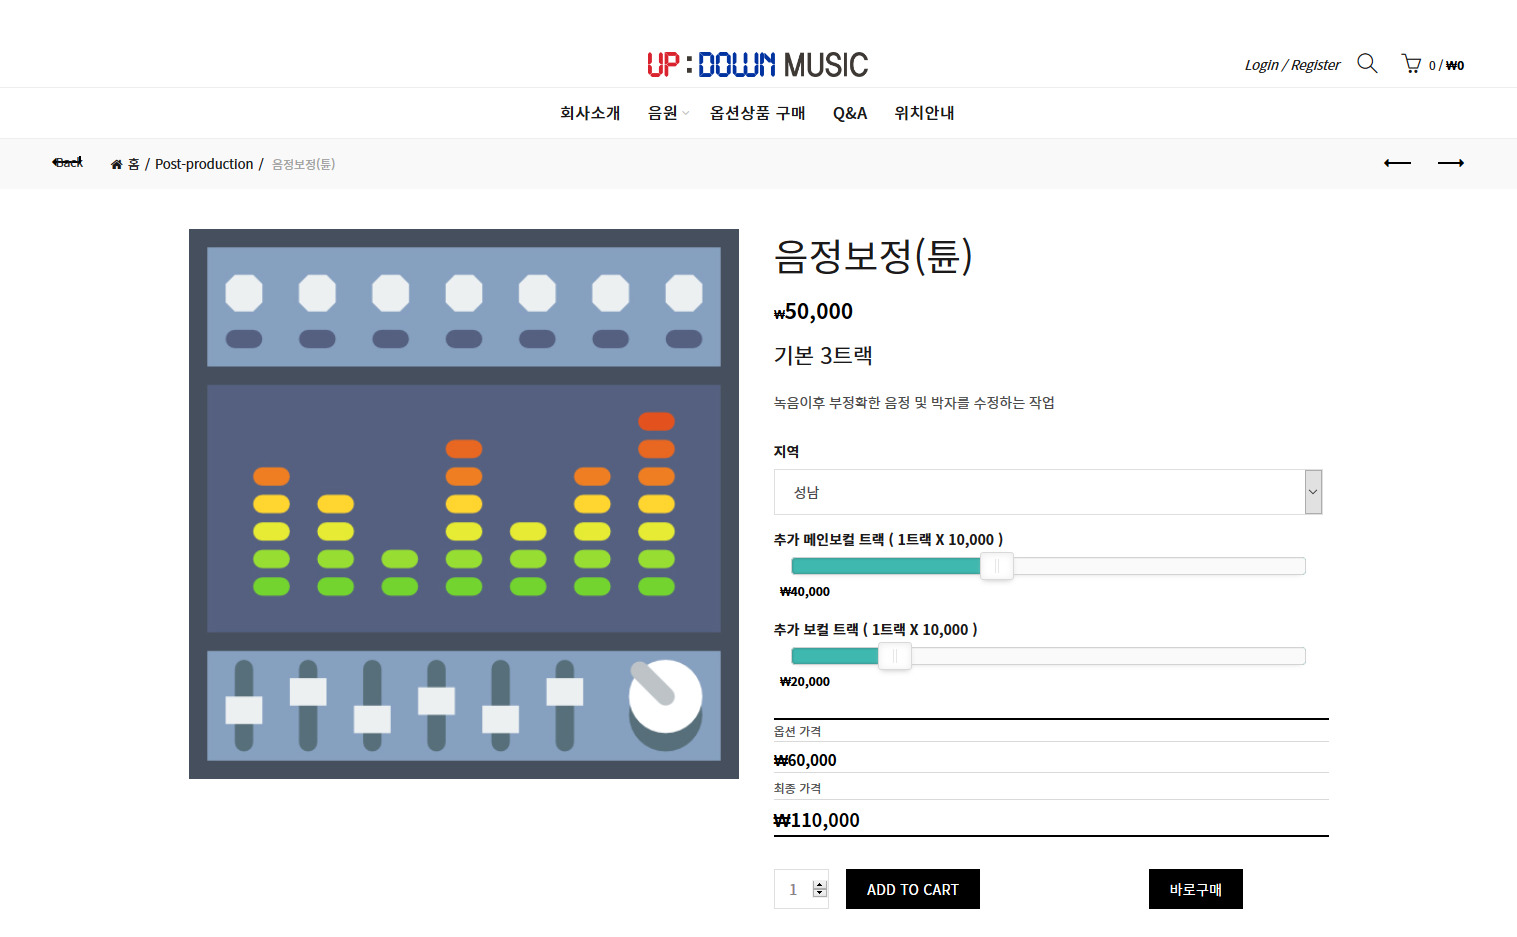 음정보정 튠 – Up Down Music